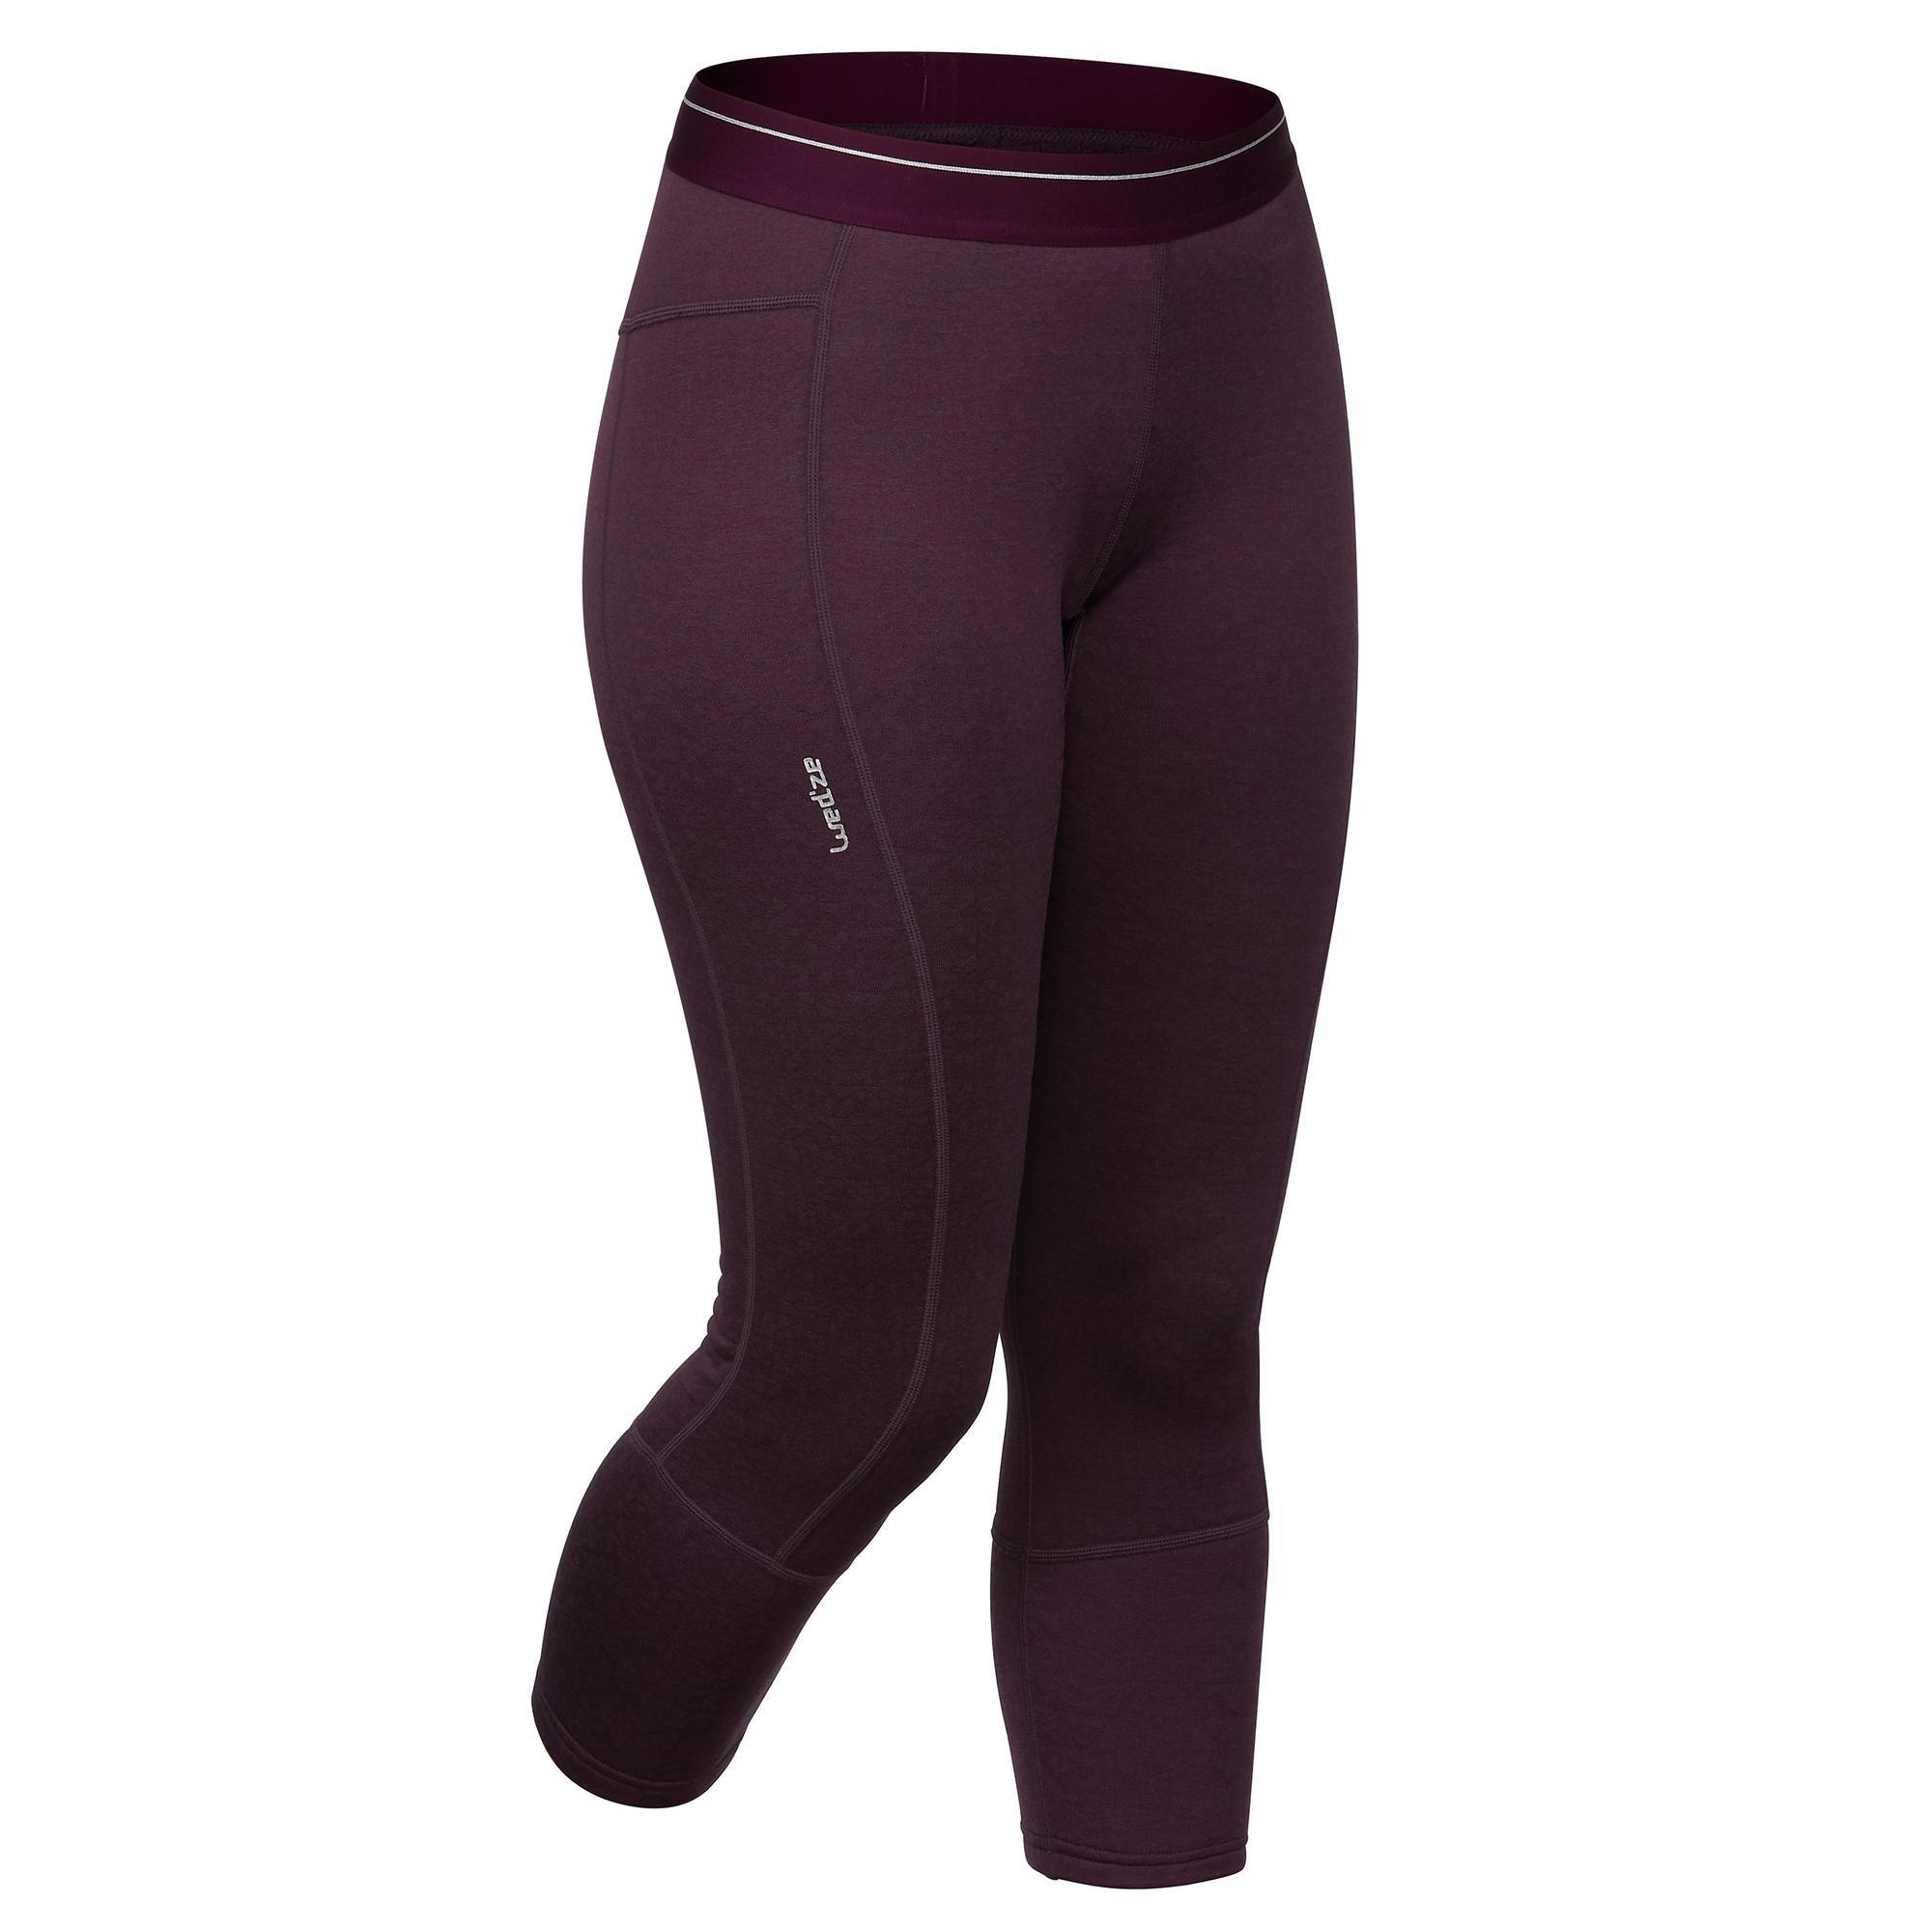 Skiunterhose Funktionshose 500 Damen | Sportbekleidung > Funktionswäsche > Thermounterwäsche | Wedze